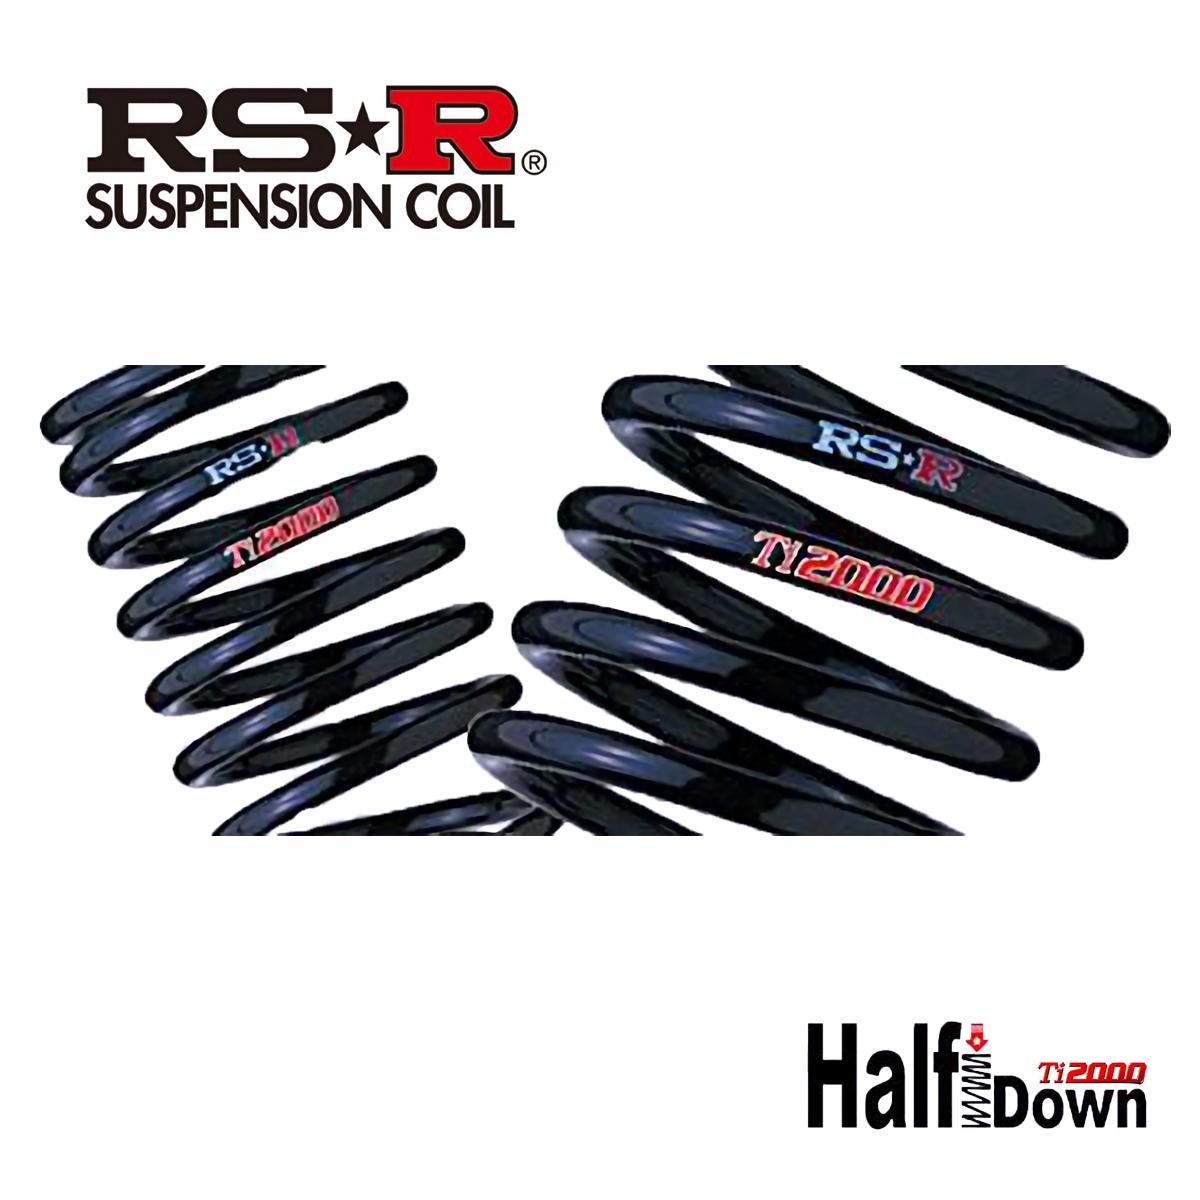 RS-R タント LA650S ダウンサス スプリング リア D401THDR Ti2000 ハーフダウン RSR 個人宅発送追金有